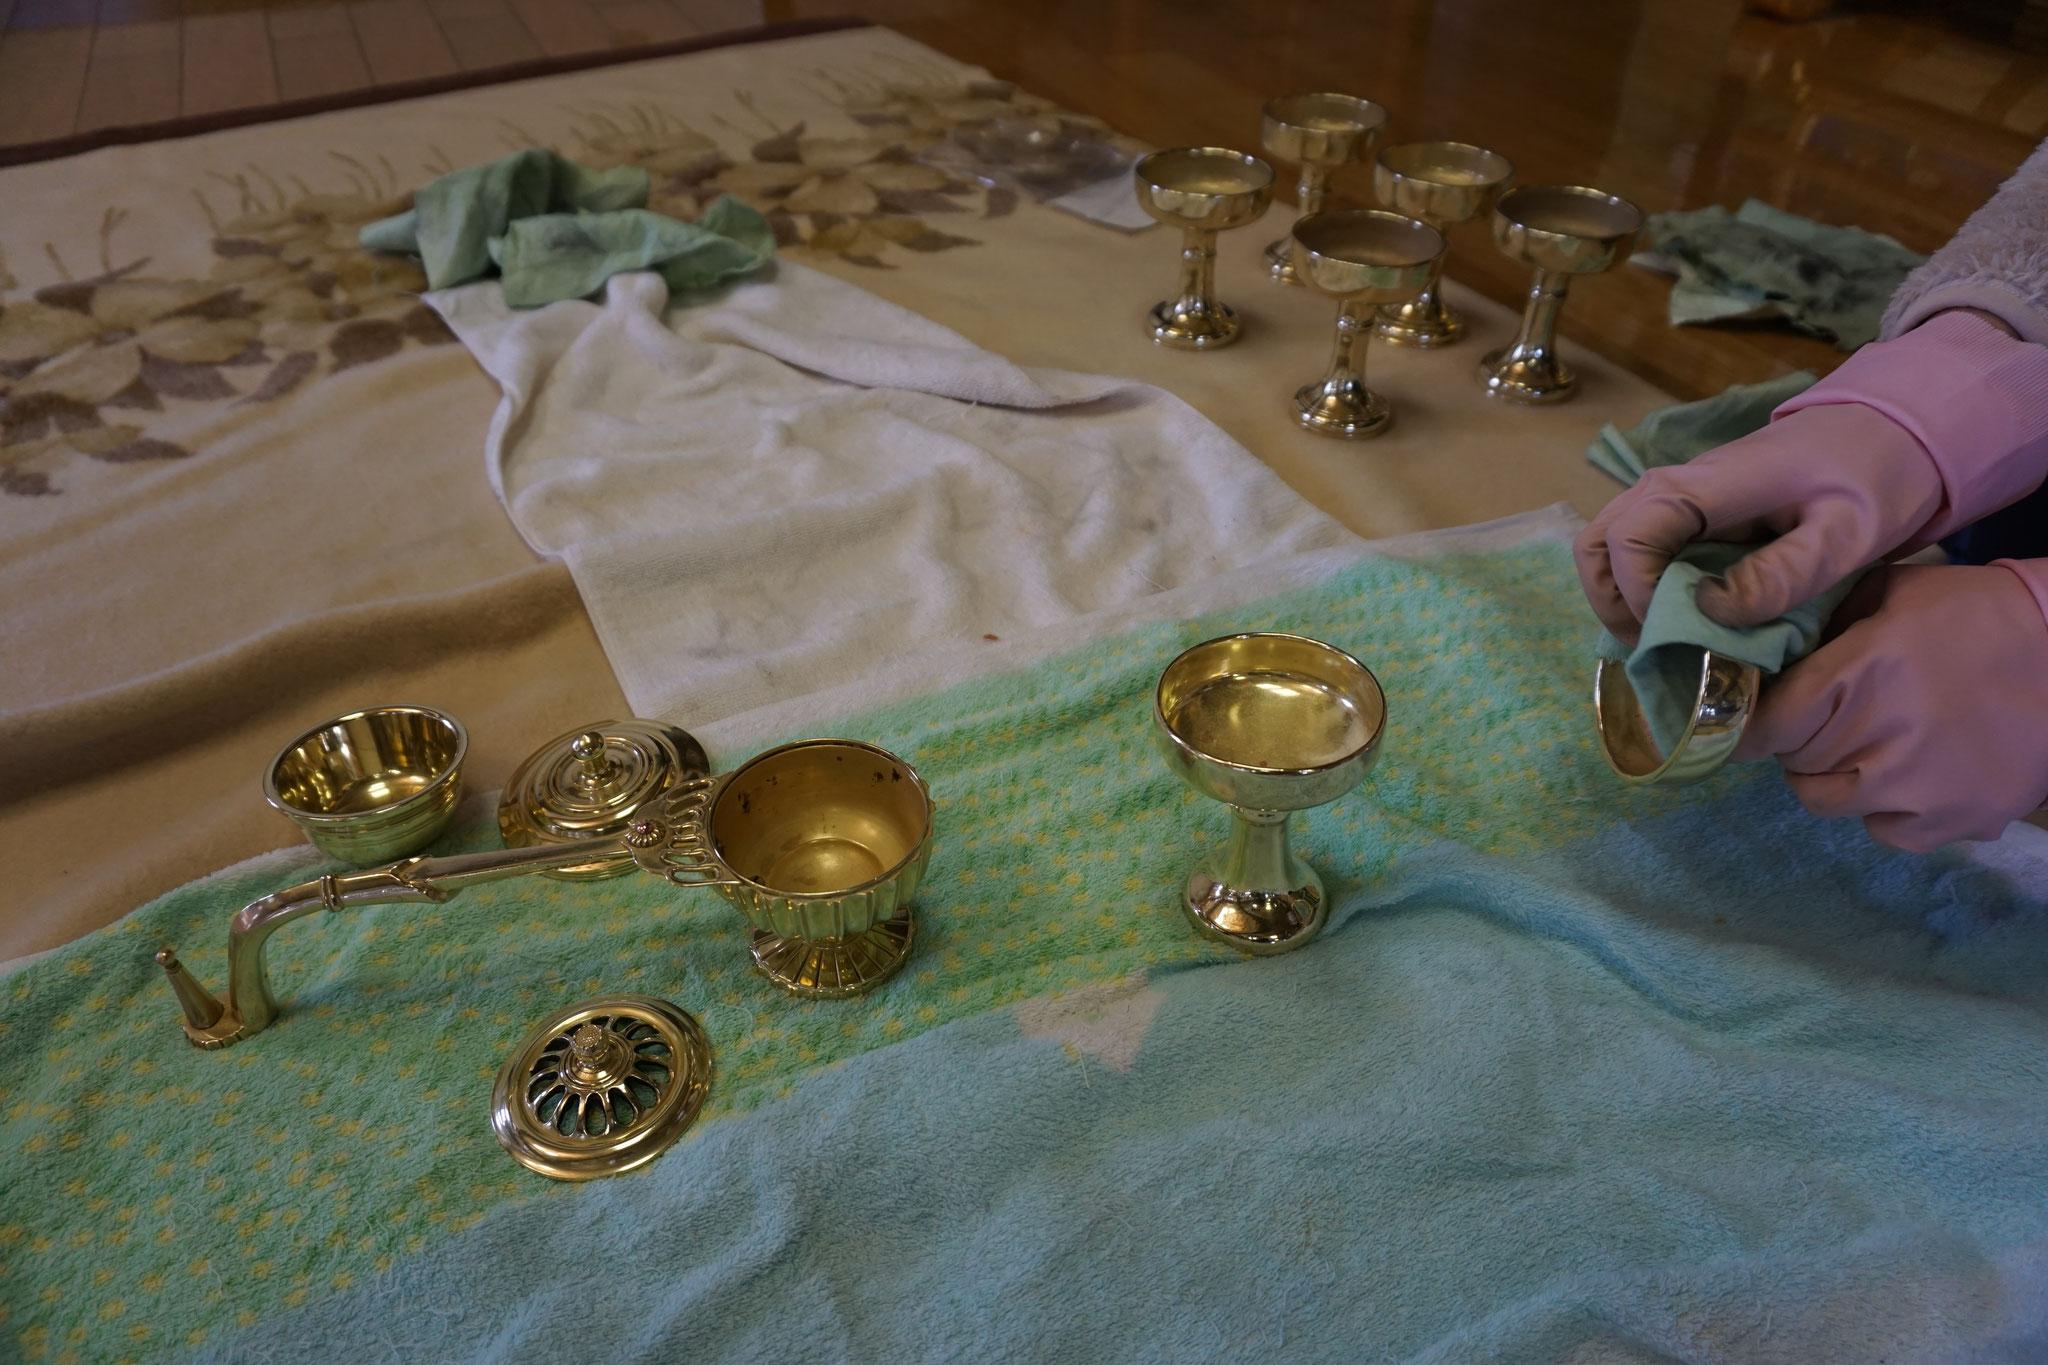 仏飯器や他の仏具も